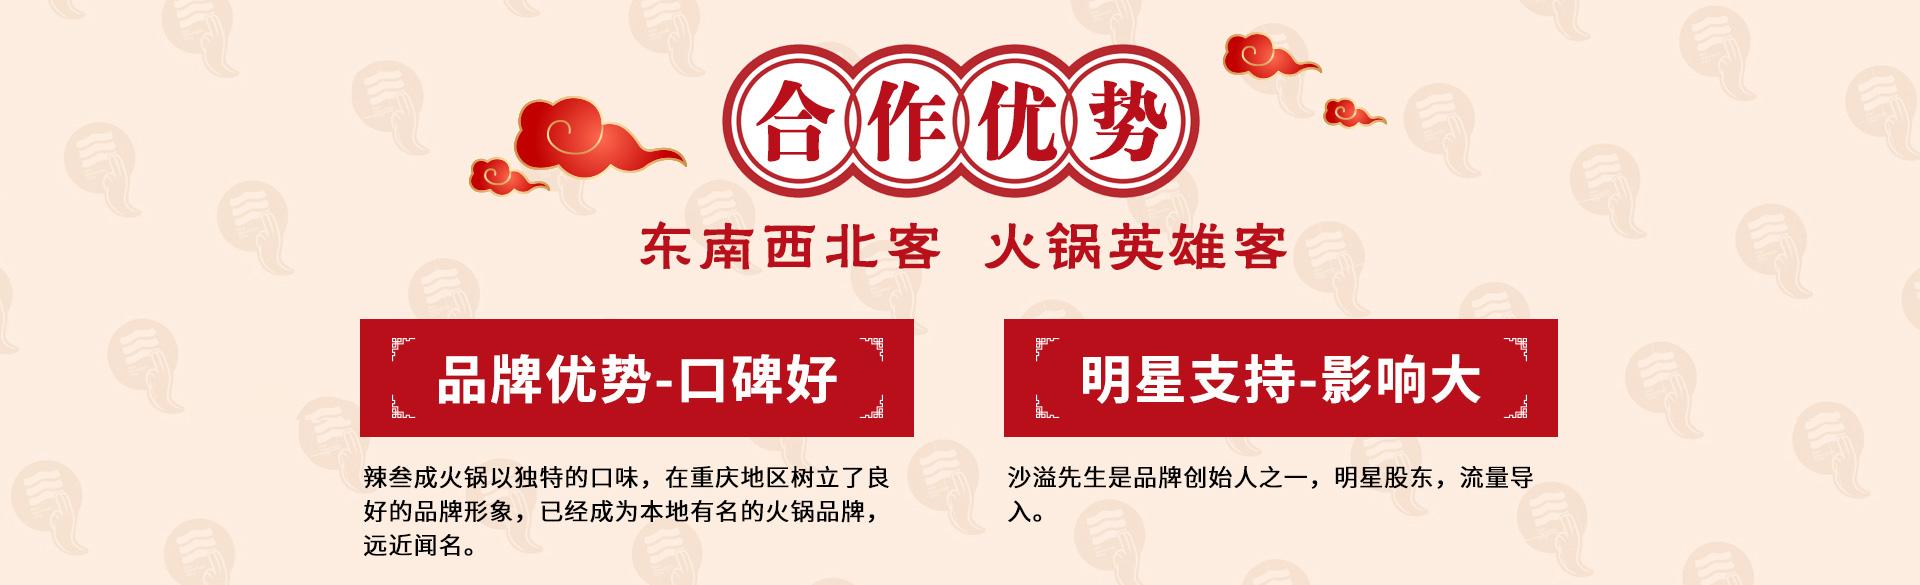 辣叁成燒菜火鍋lsc_10